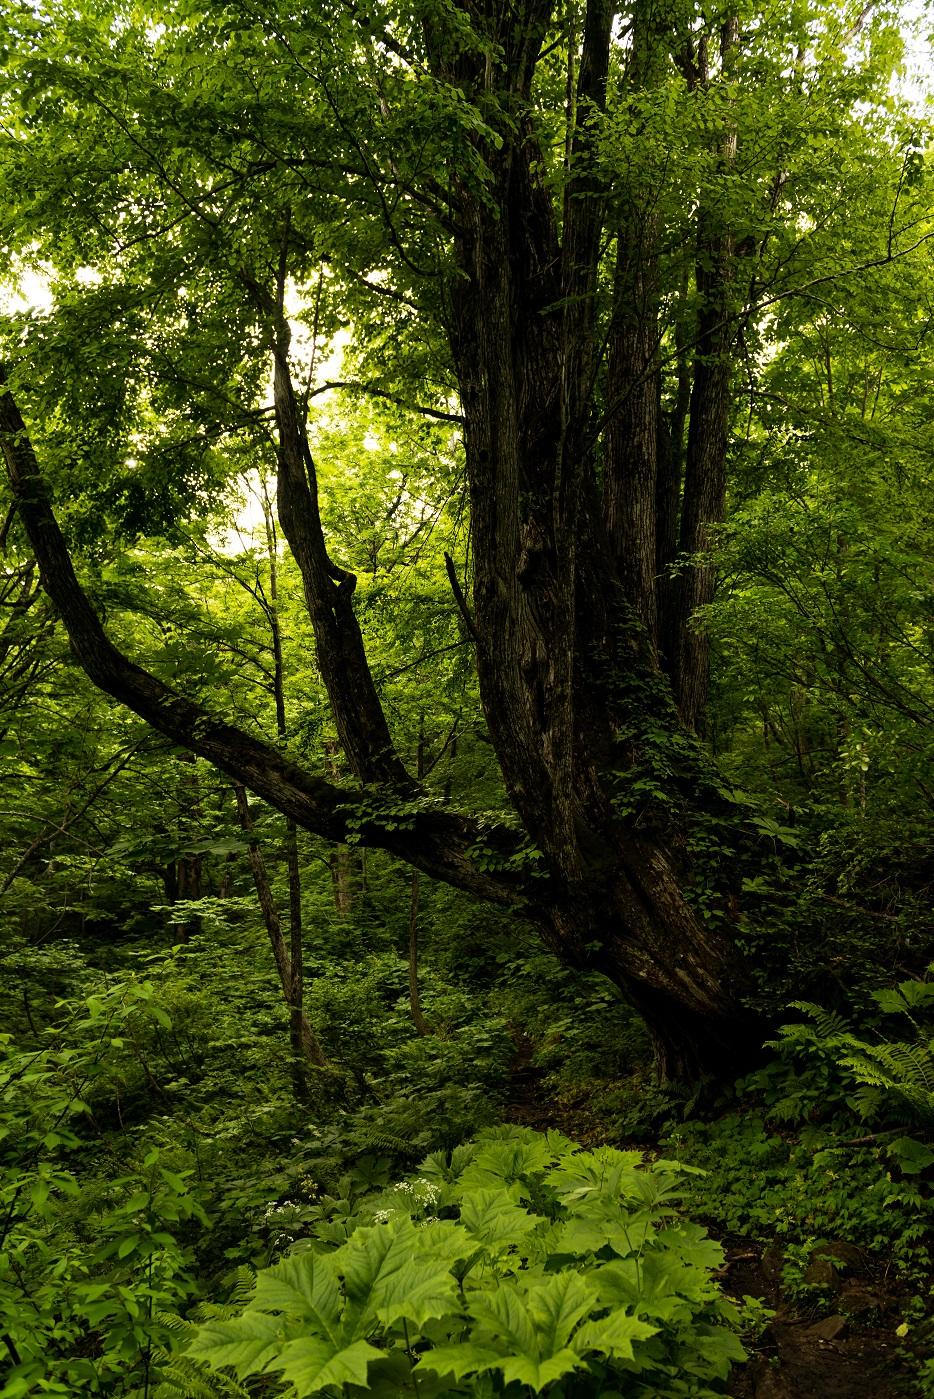 2015.06.11チブリ尾根のブナ原生林と白山眺望1.カツラの巨木